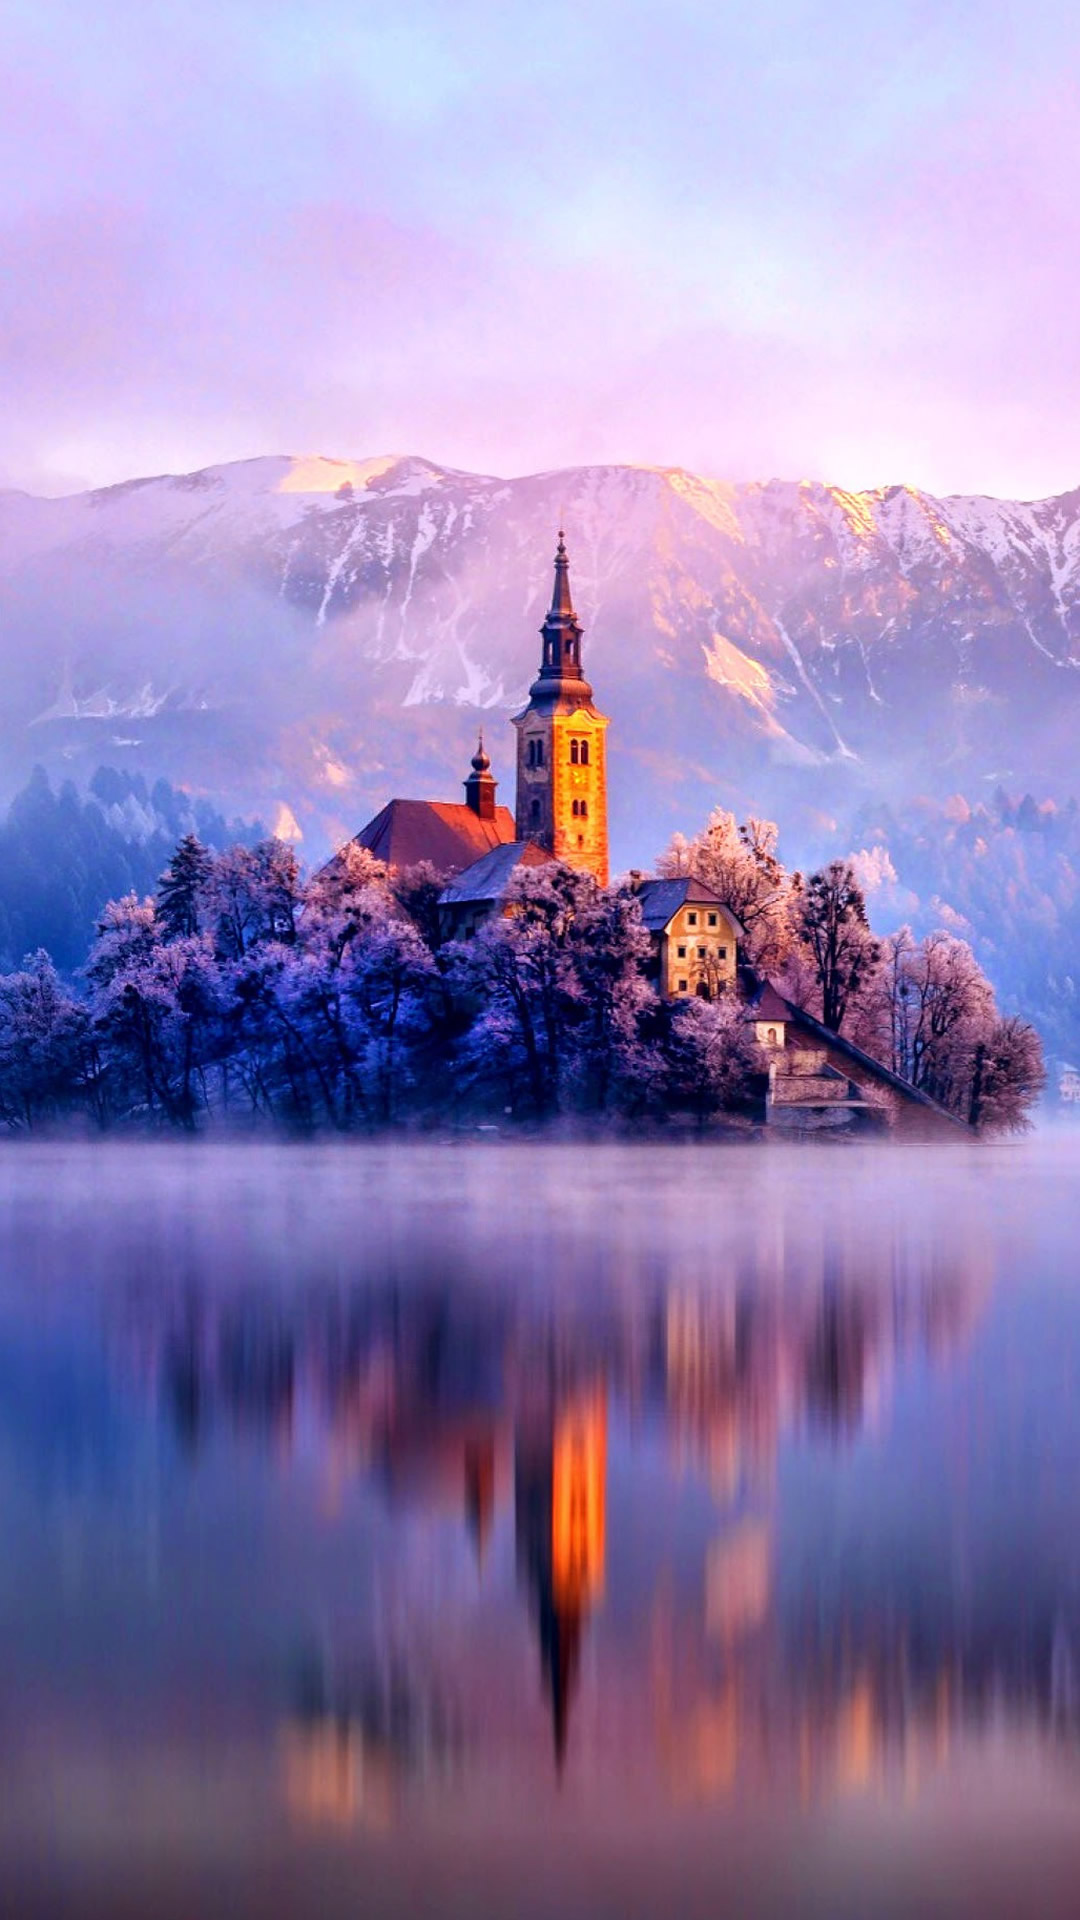 美しい冬景色のiphone用壁紙 5枚 噂のappleフリークス